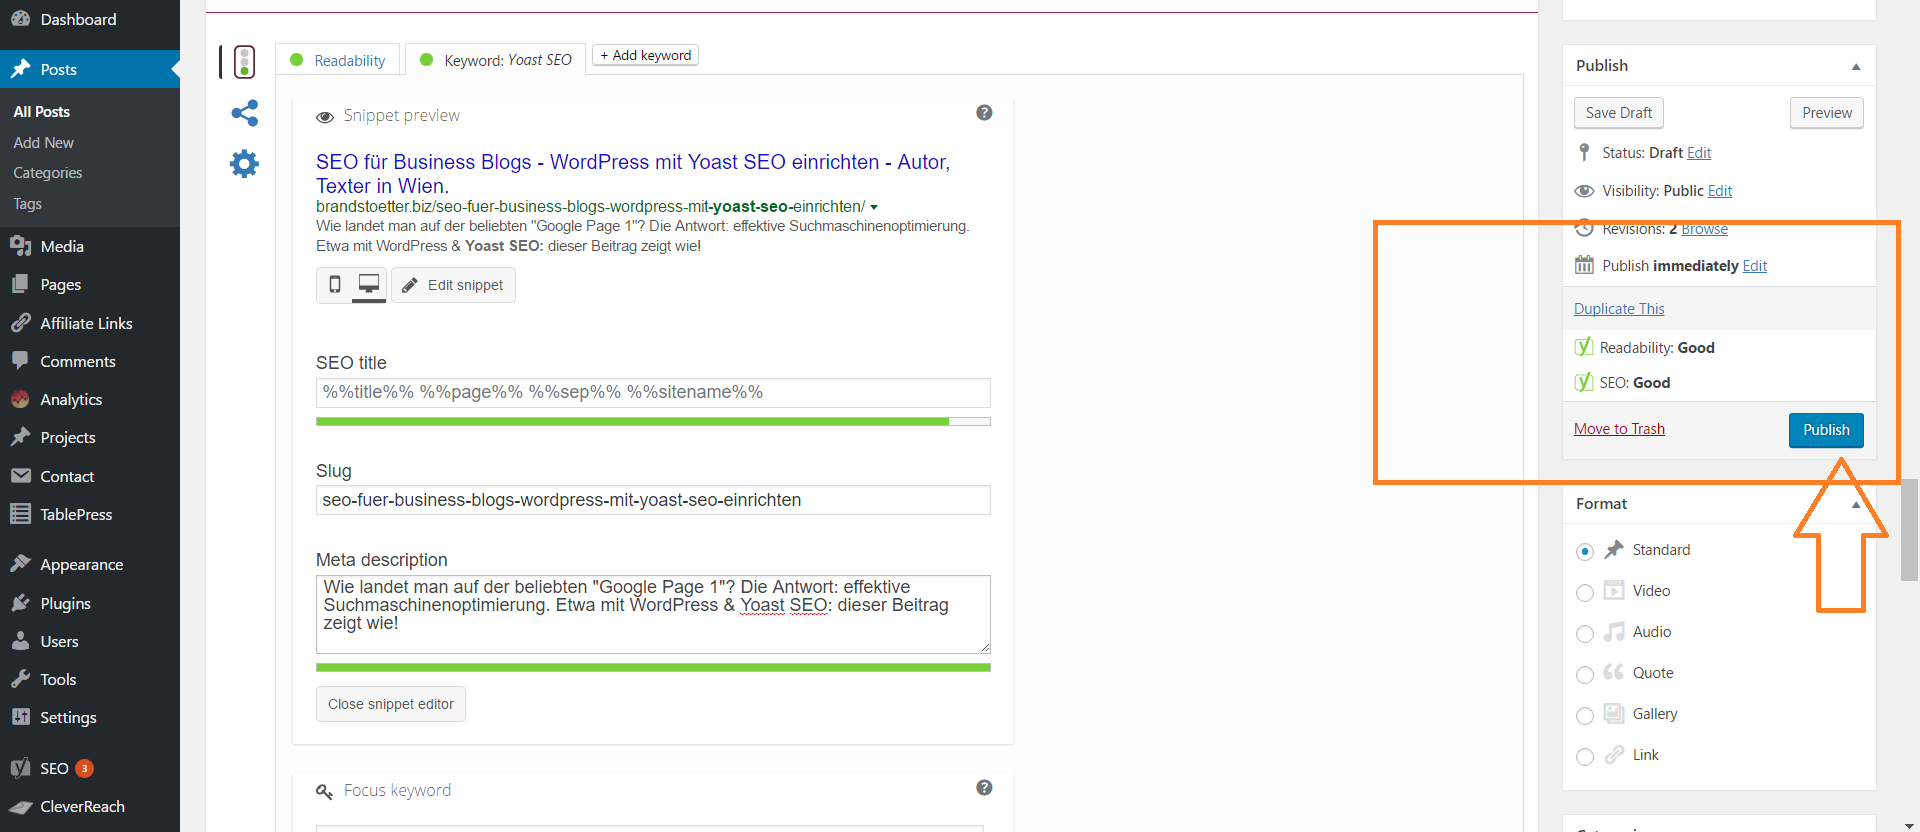 Grüne Lichter Veröffentlichen - Yoast SEO für WordPress Blog